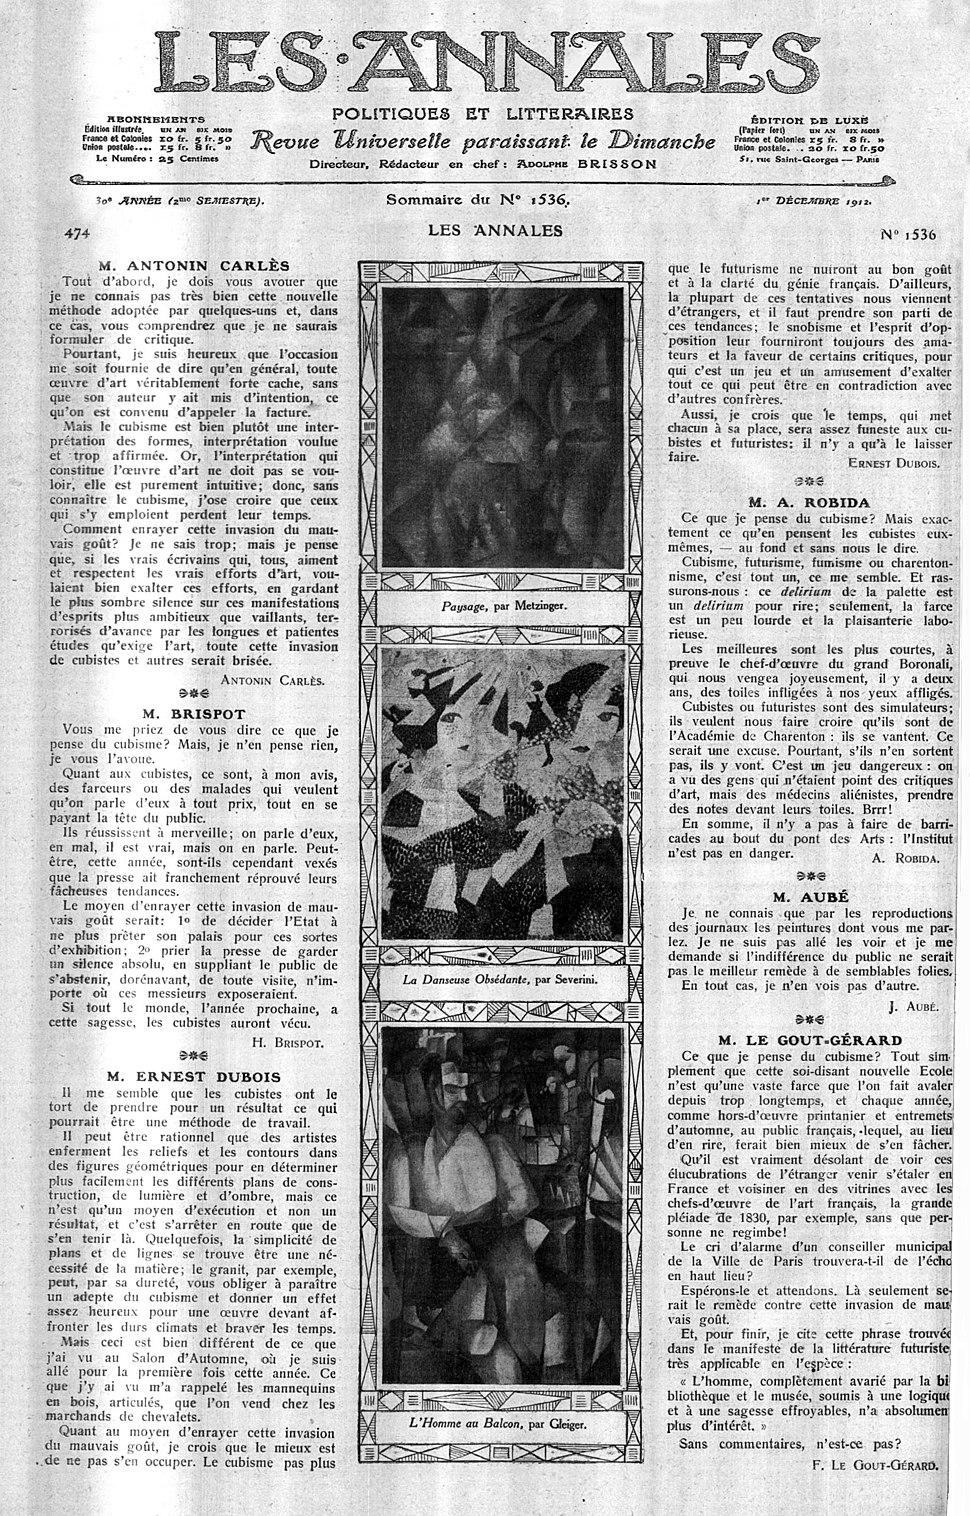 Jean Metzinger, Gino Severini, Albert Gleizes, Les Annales politiques et littéraires, Sommaire du n. 1536, décembre 1912